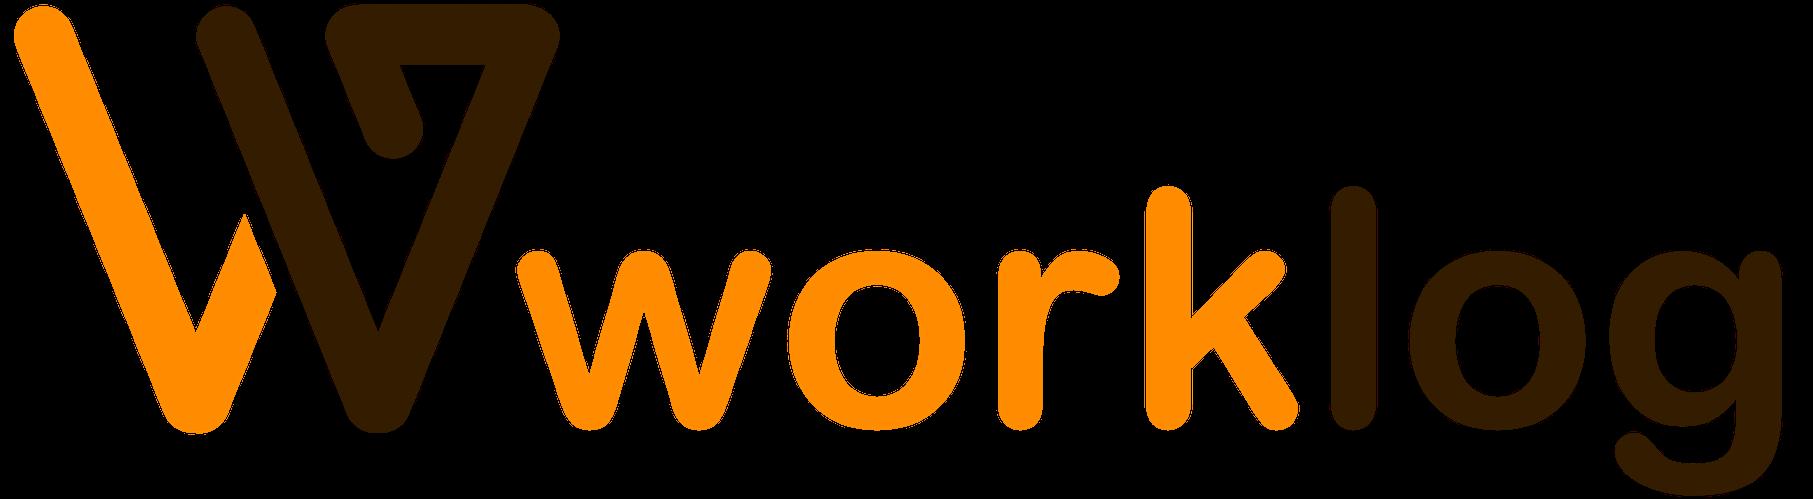 Worklog-Inc